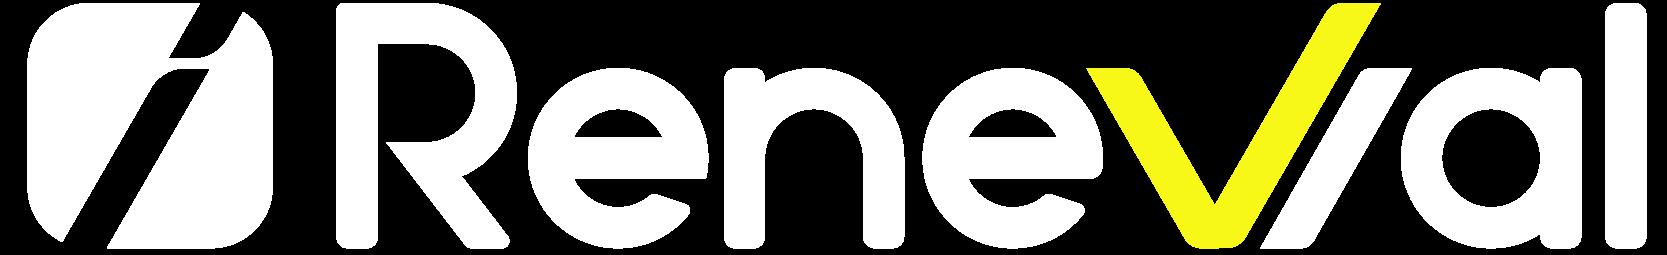 I-Renewal.com